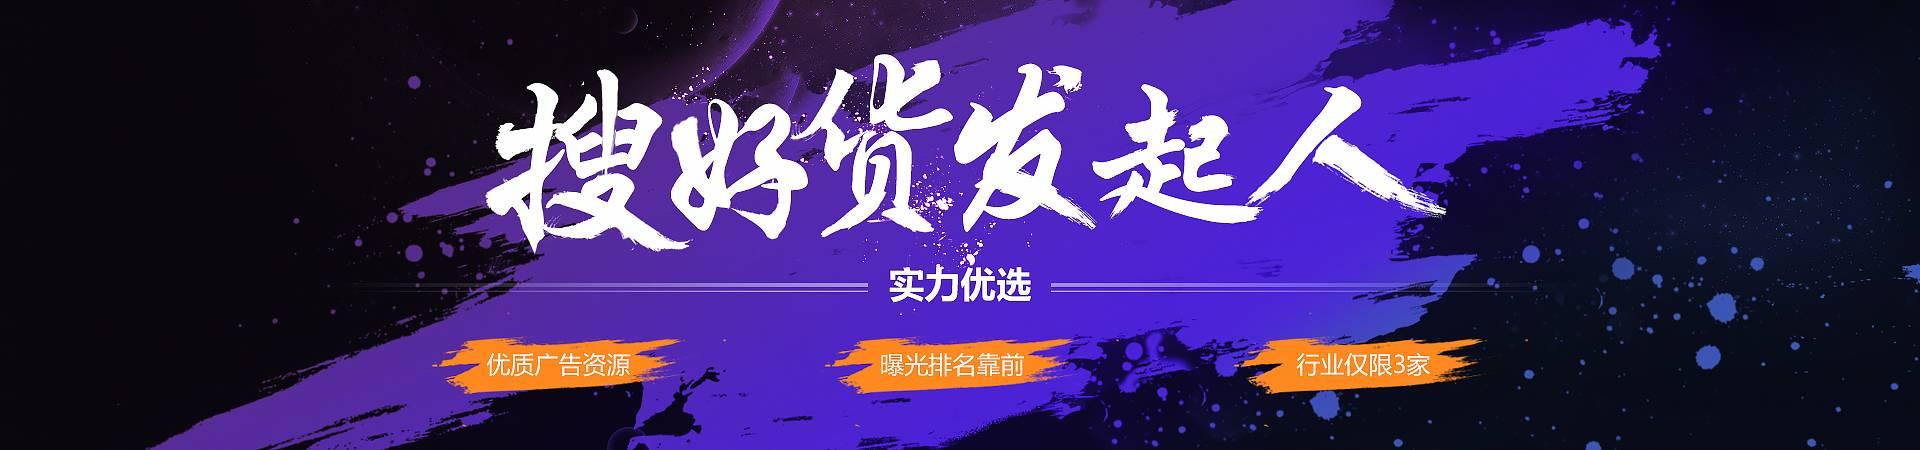 成都温江体育场外墙铁艺栏杆图片